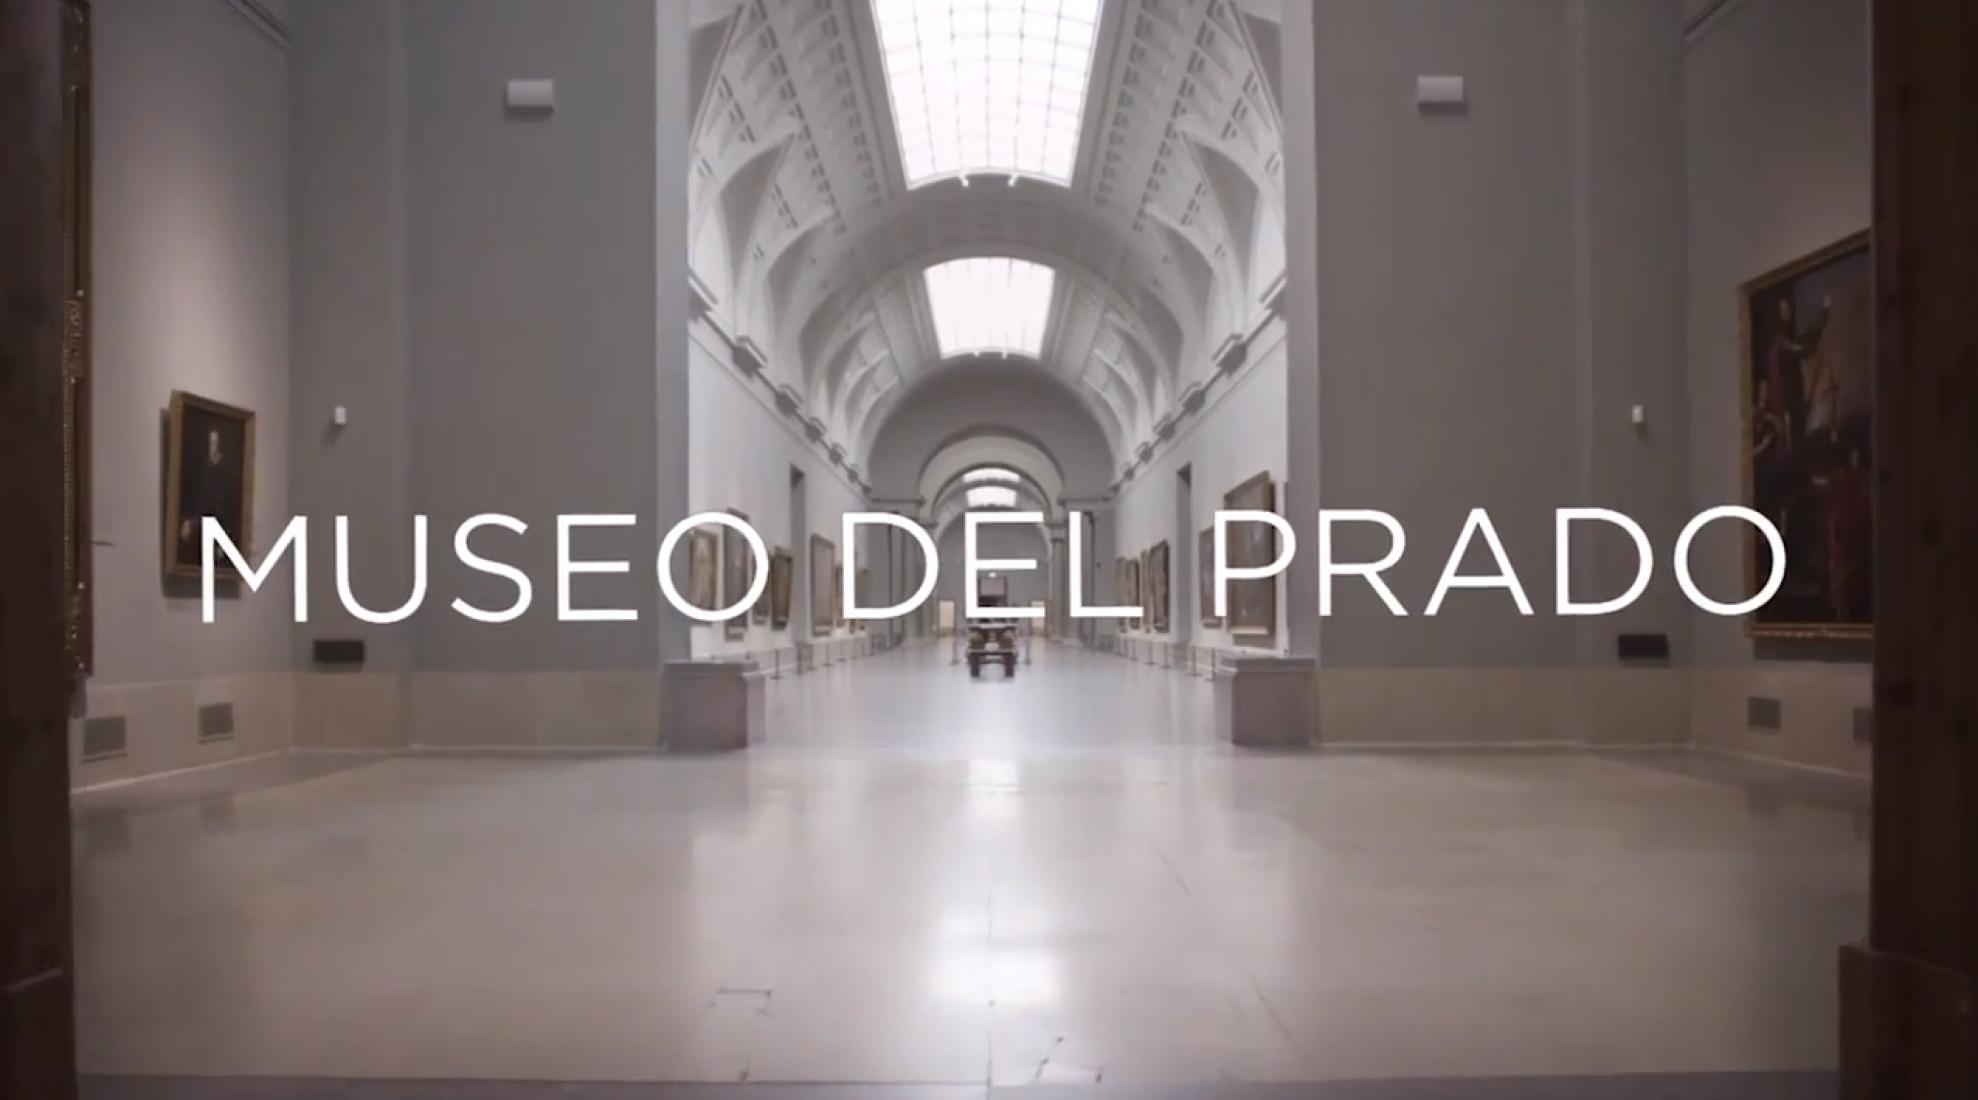 Bienvenidos al Museo del Prado. Imágenes del vídeo promocional.